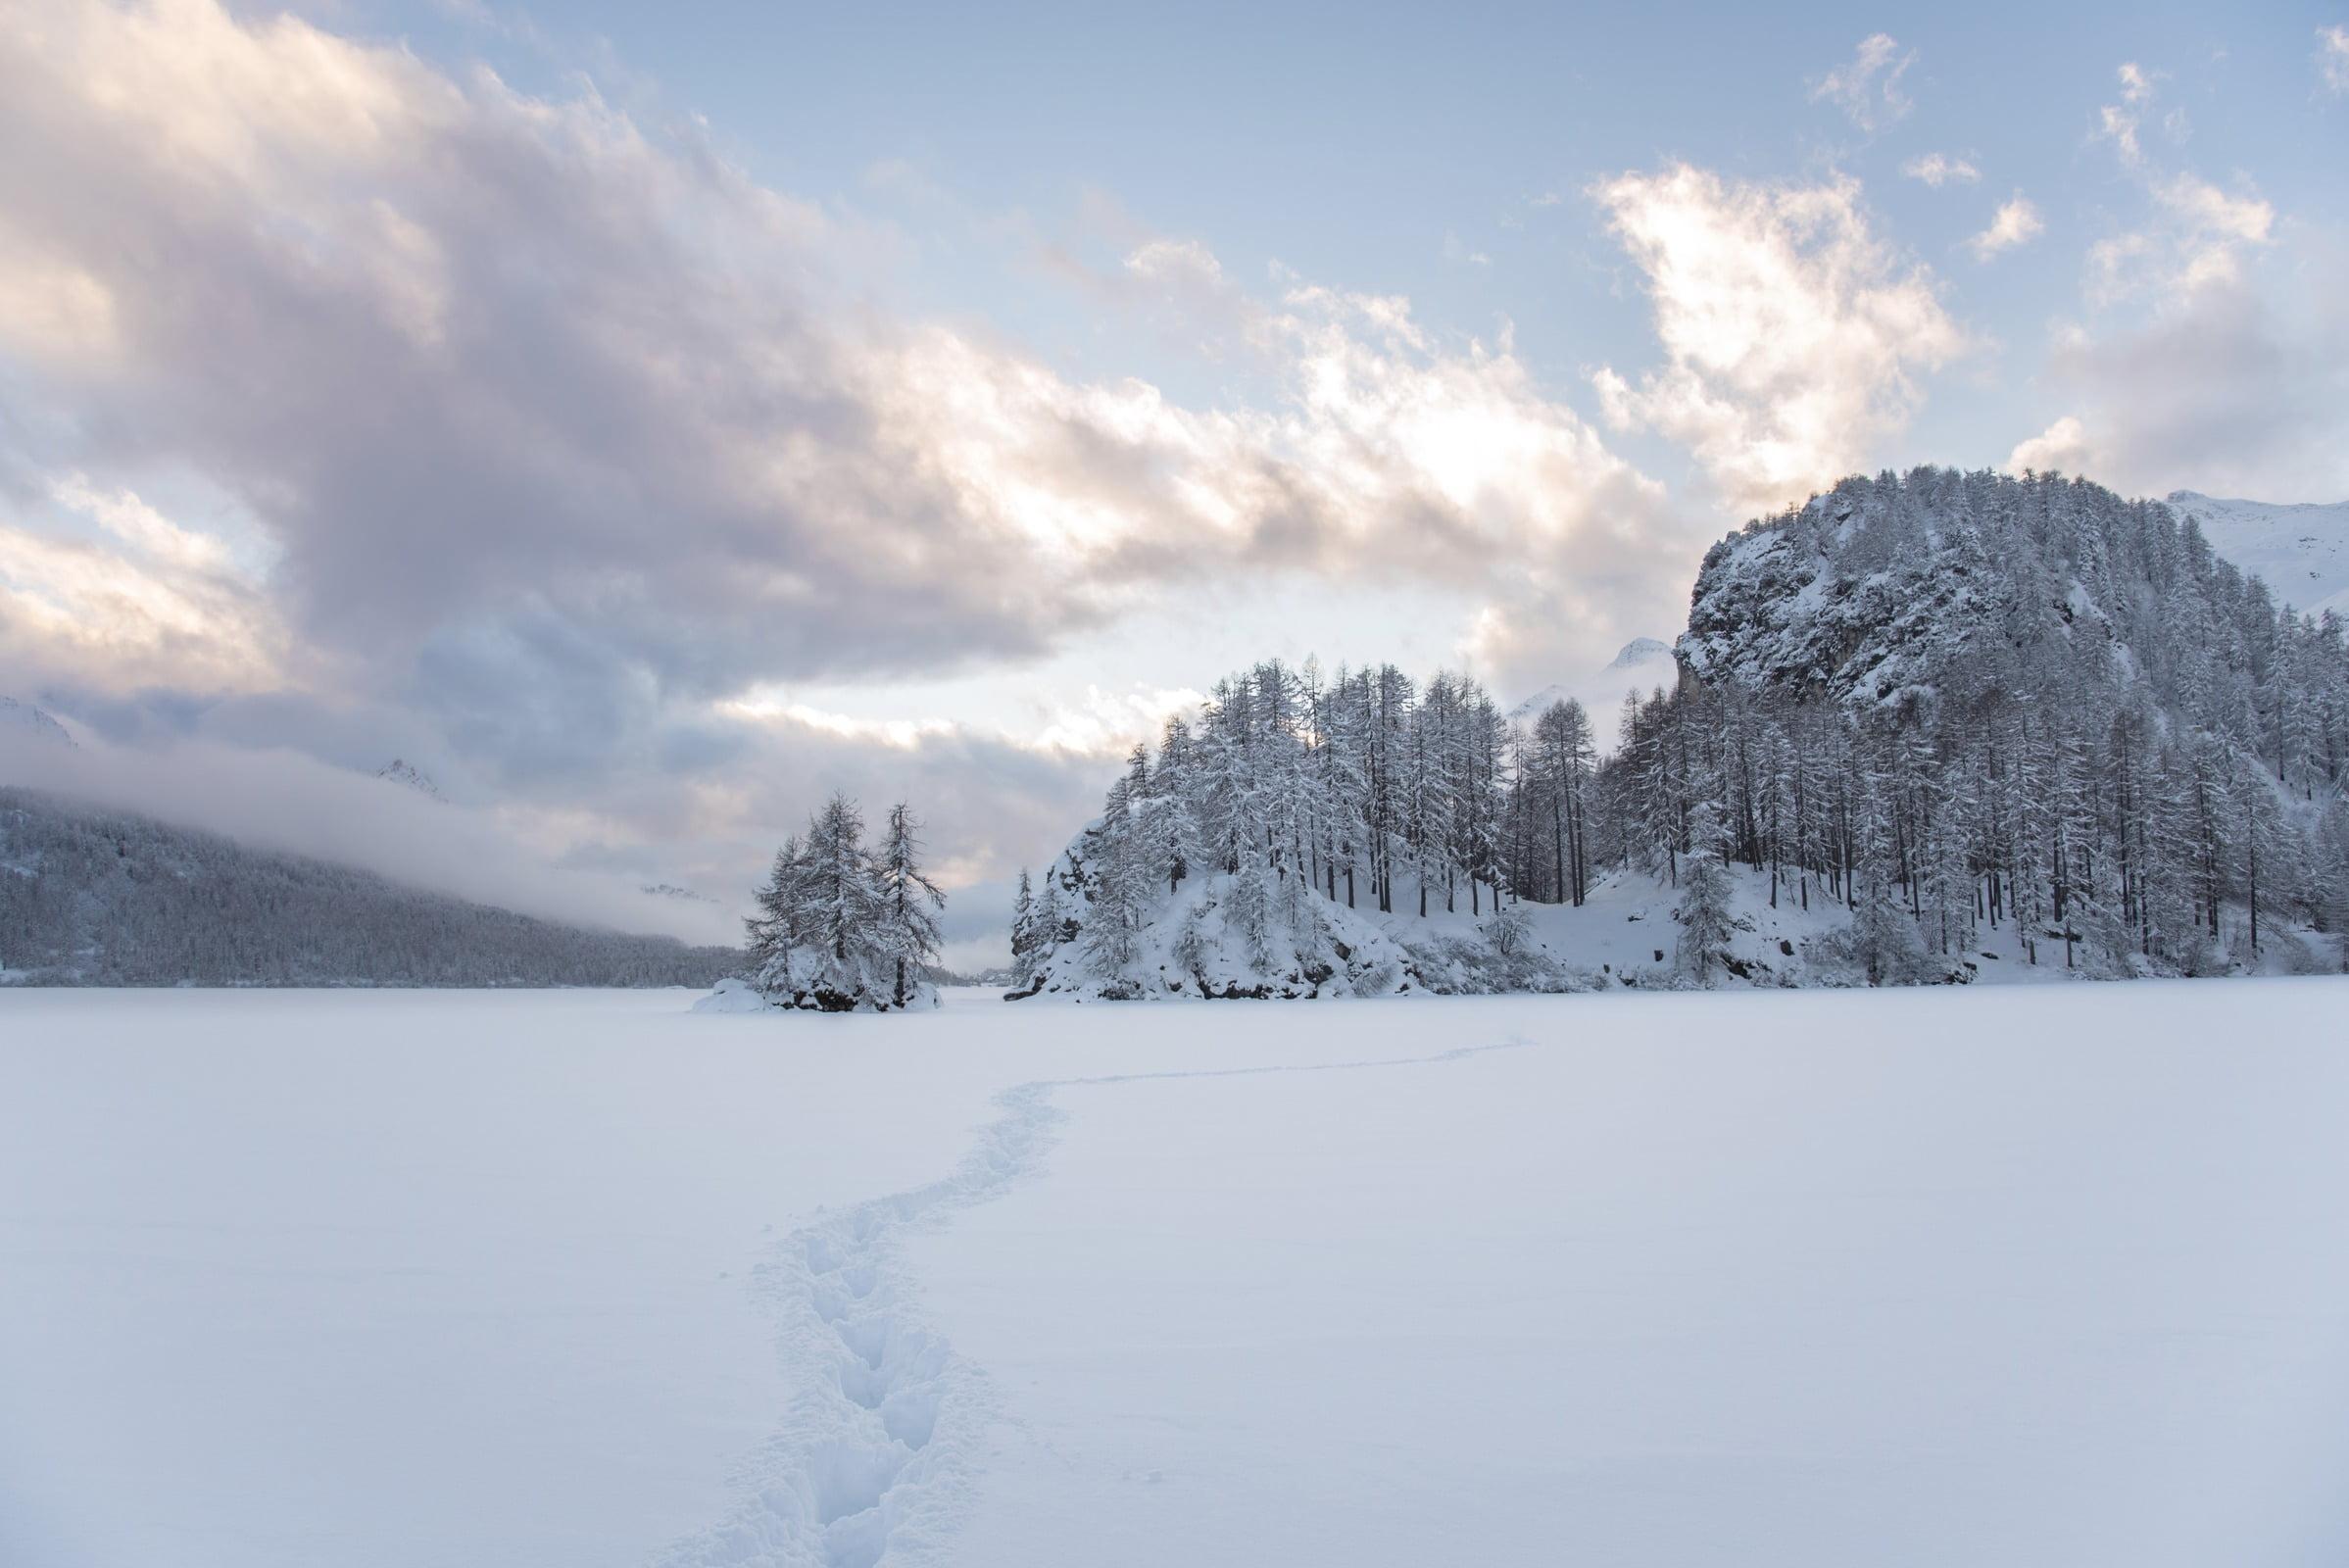 Winterwandern auf dem gefrorenen Silsersee.